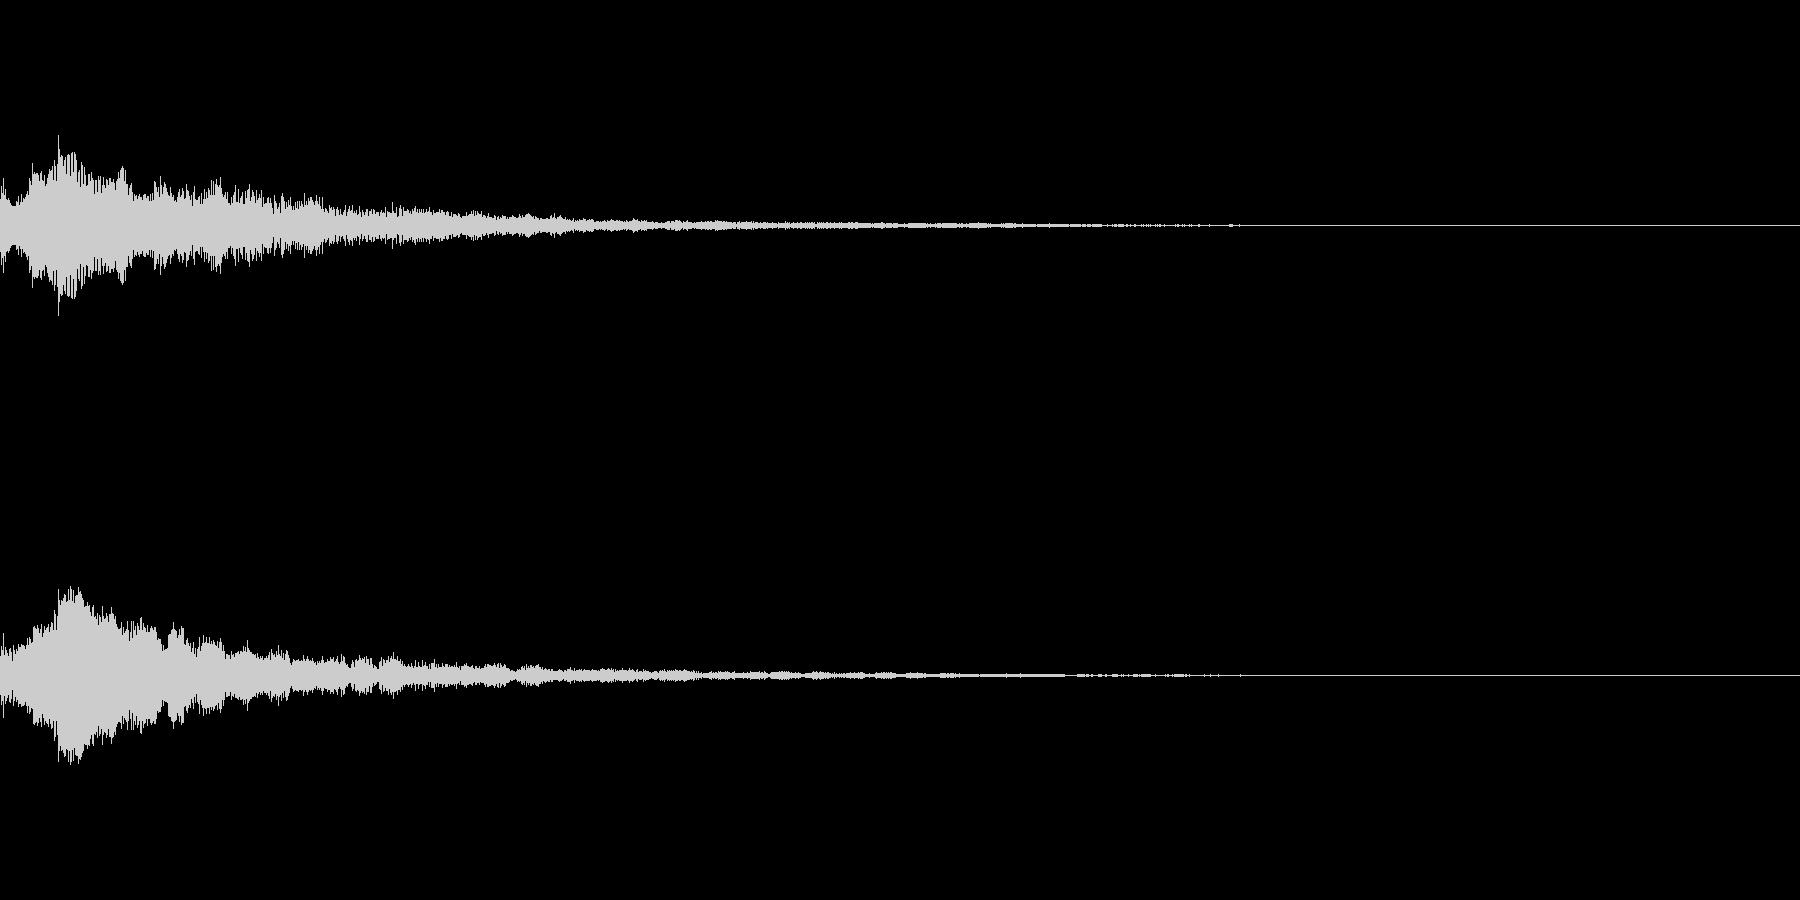 しゃらん♪ (連鎖07)の未再生の波形